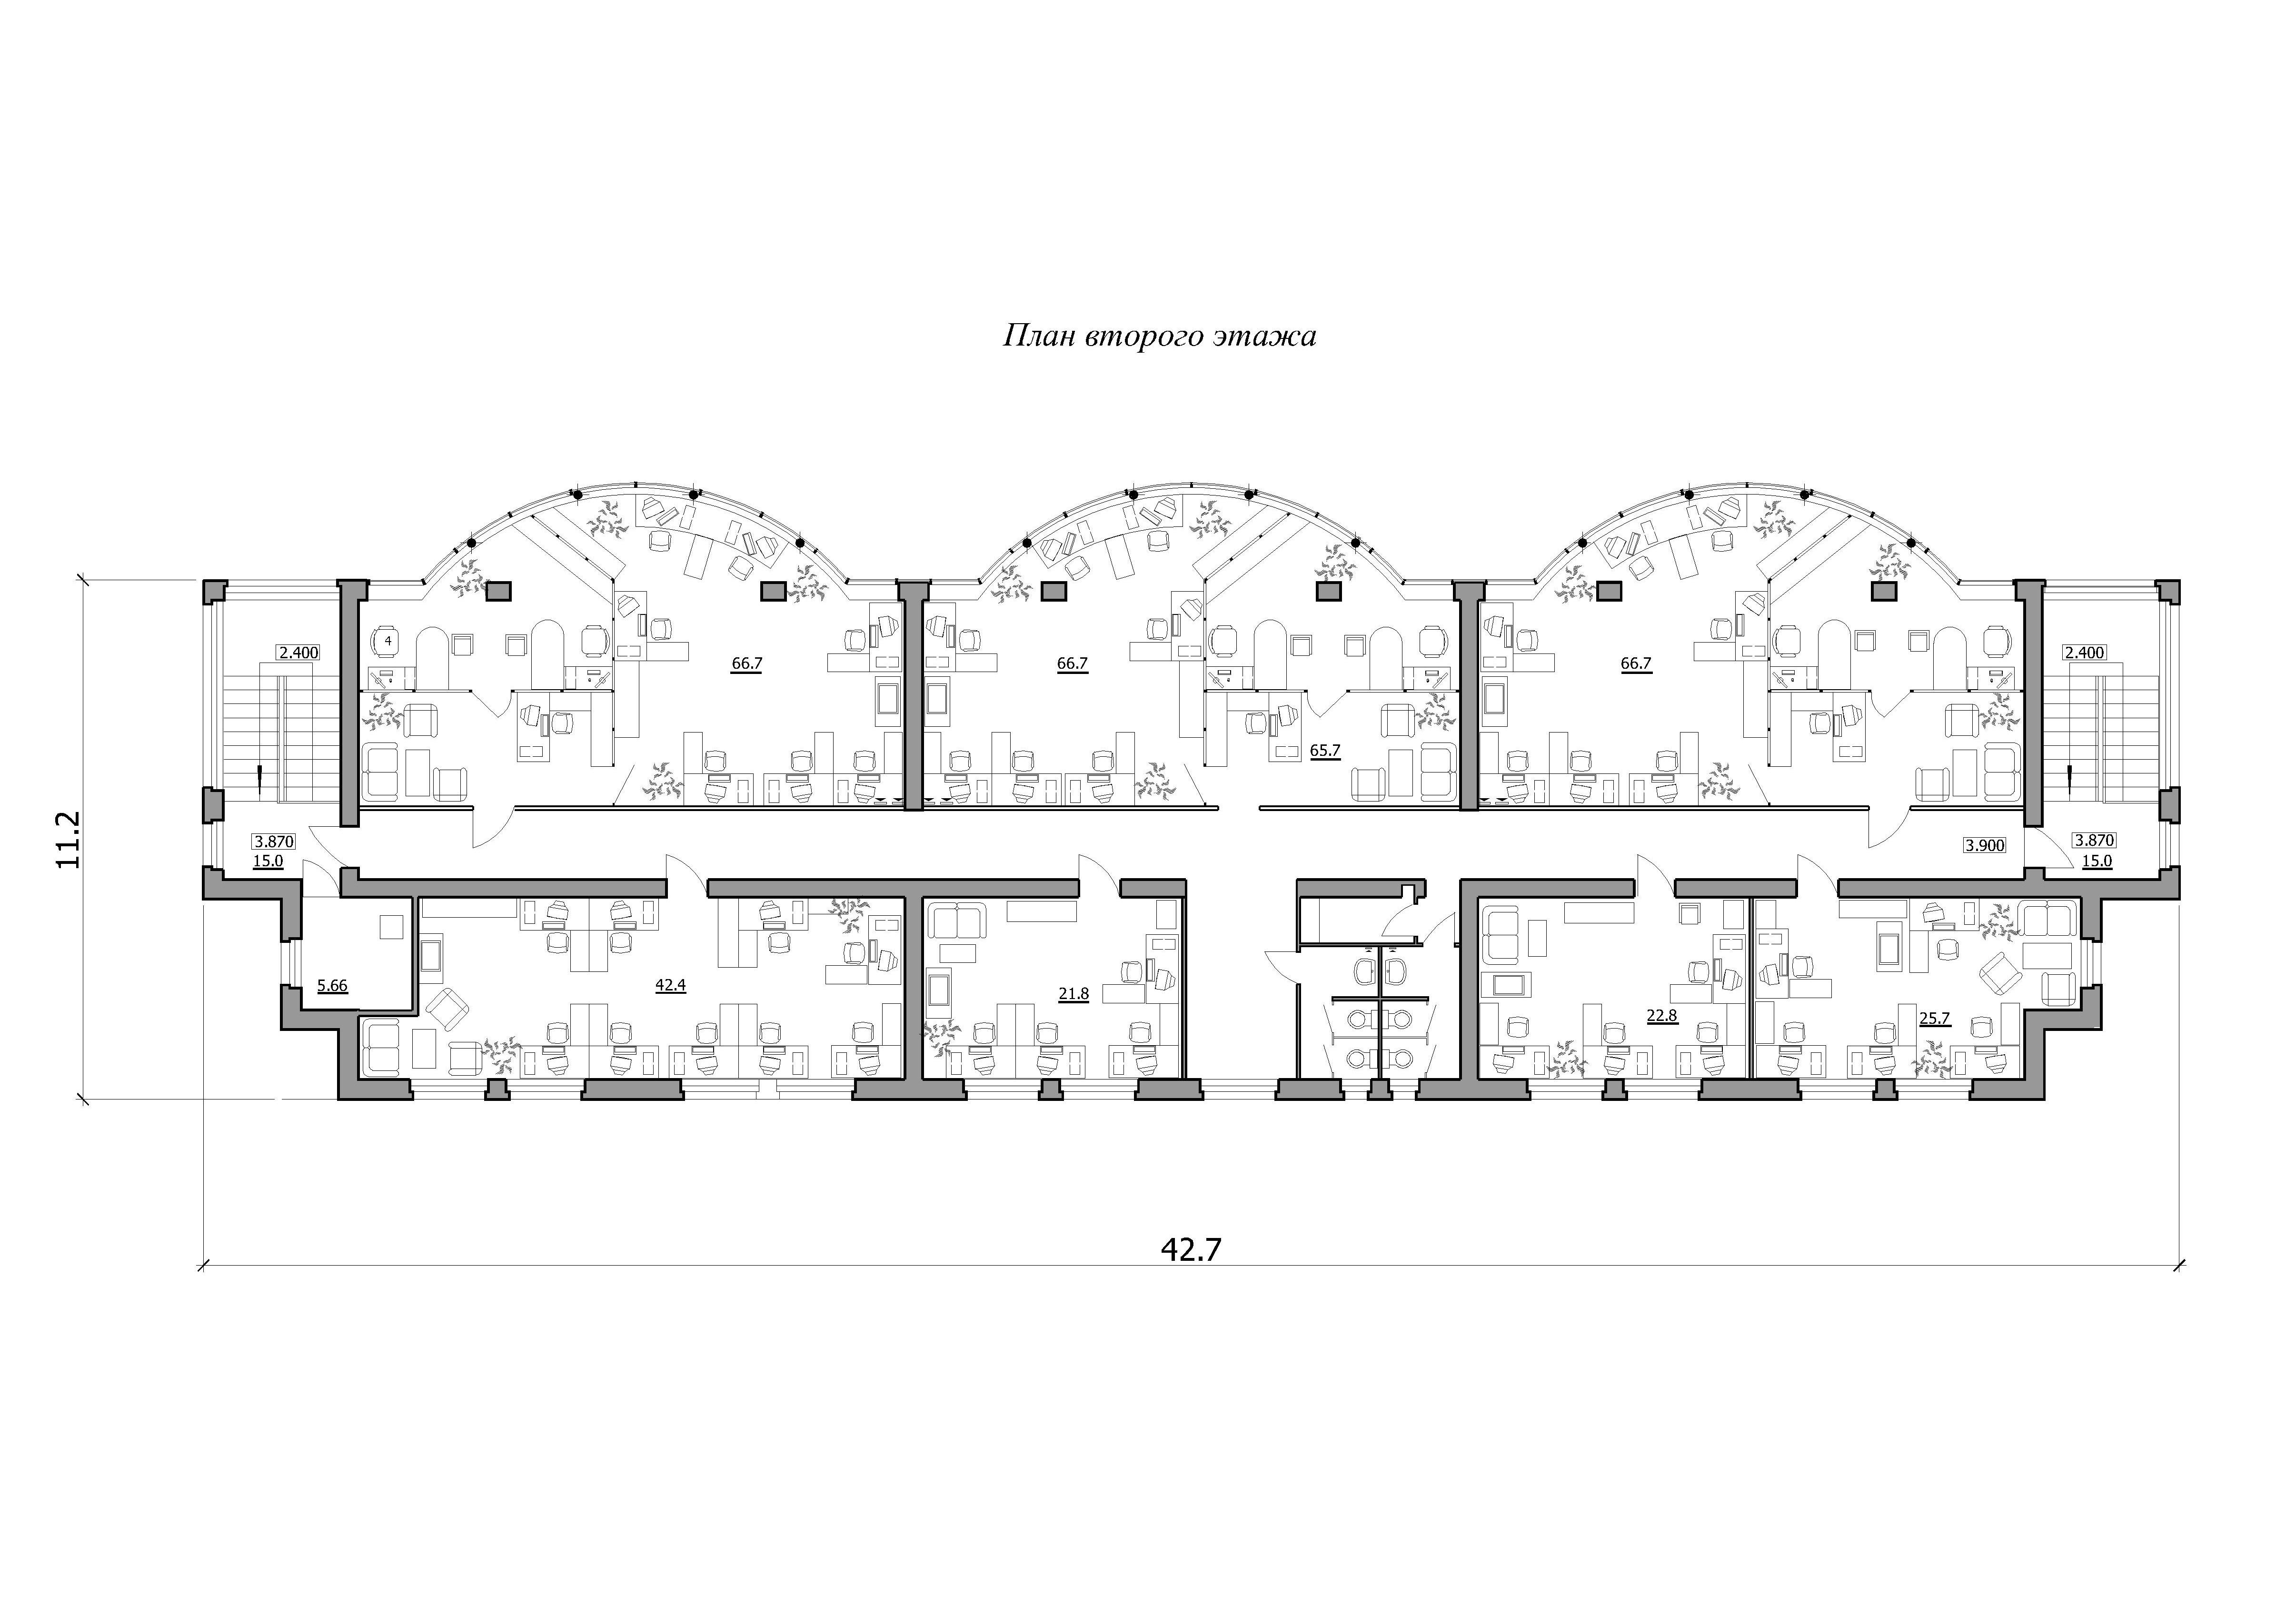 Проект базы оптово-розничной торговли. План второго этажа